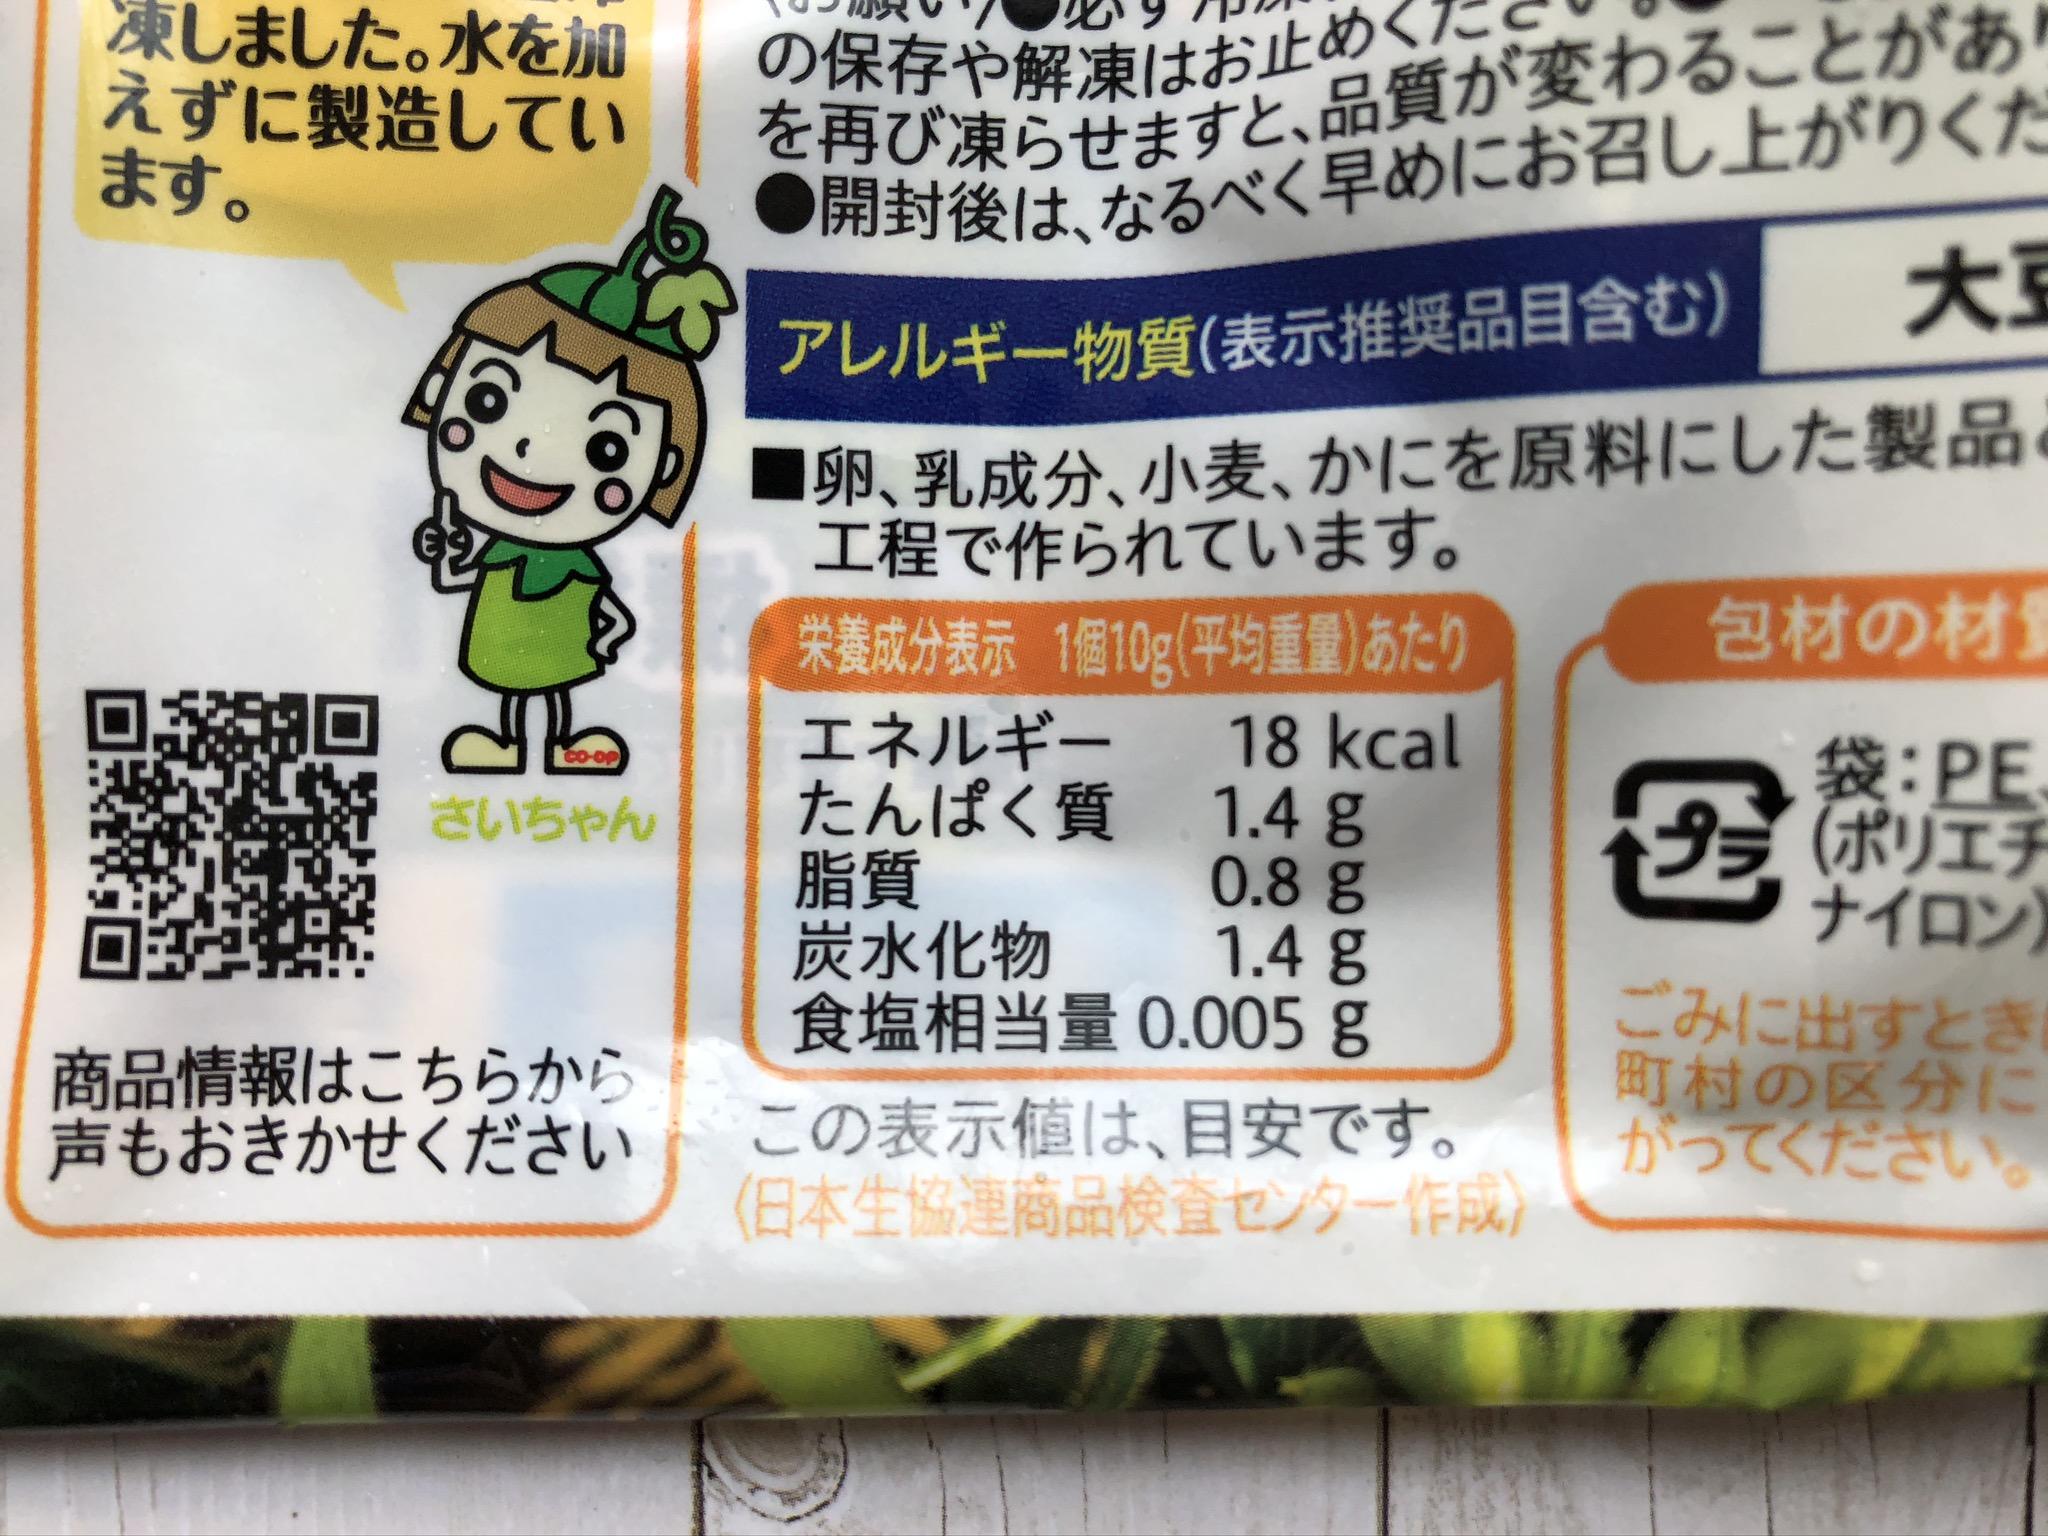 COOPうらごし枝豆栄養成分表示